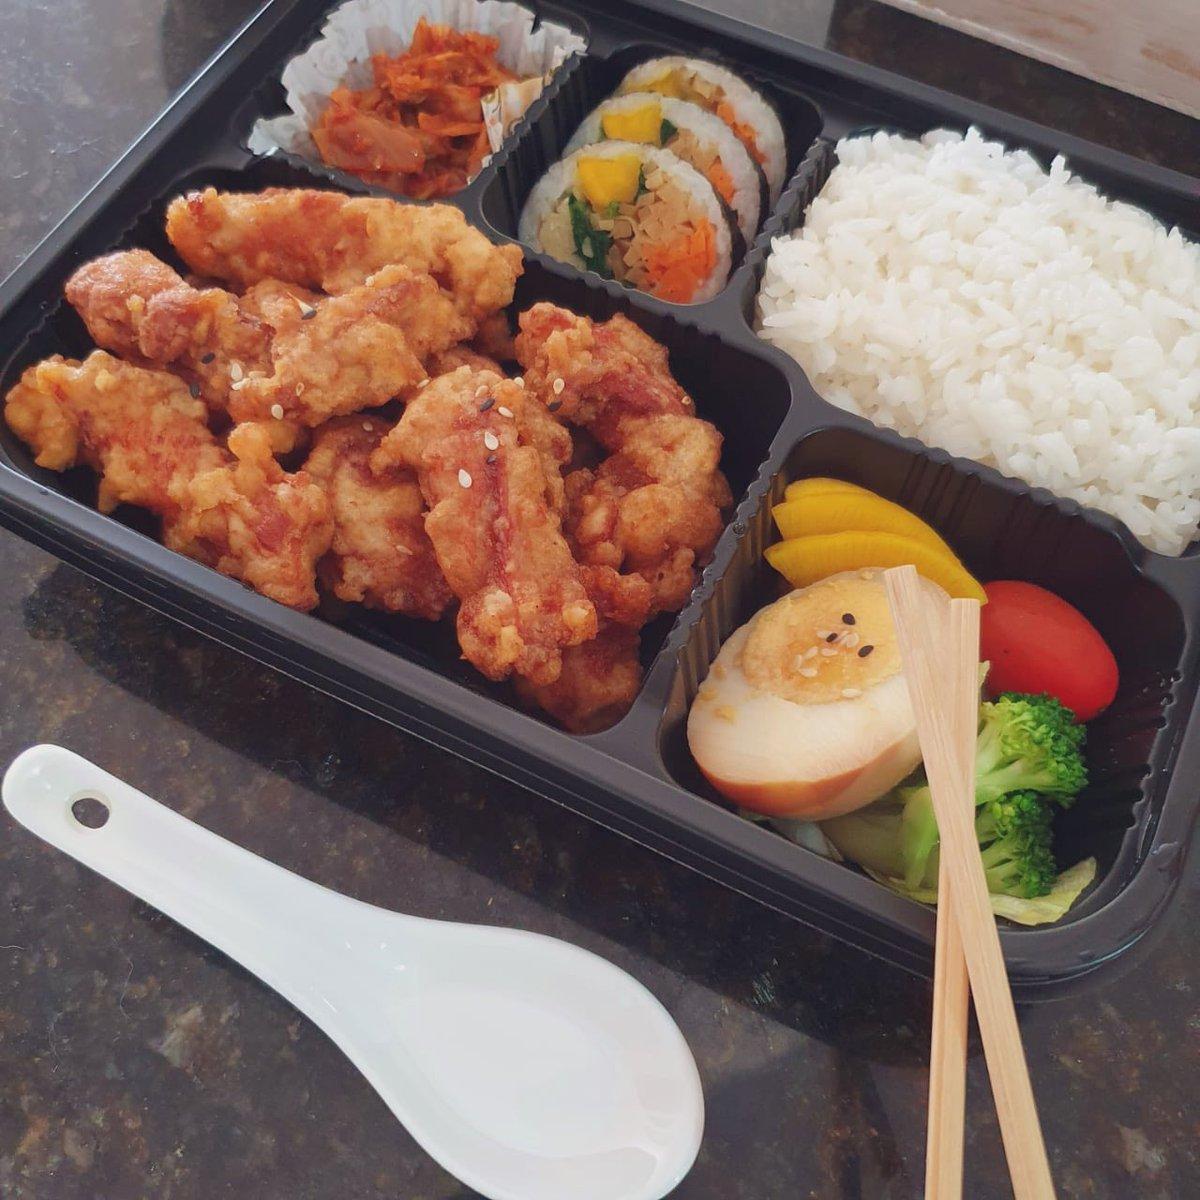 Hoy nos decidimos por la comida coreana 🍱😋